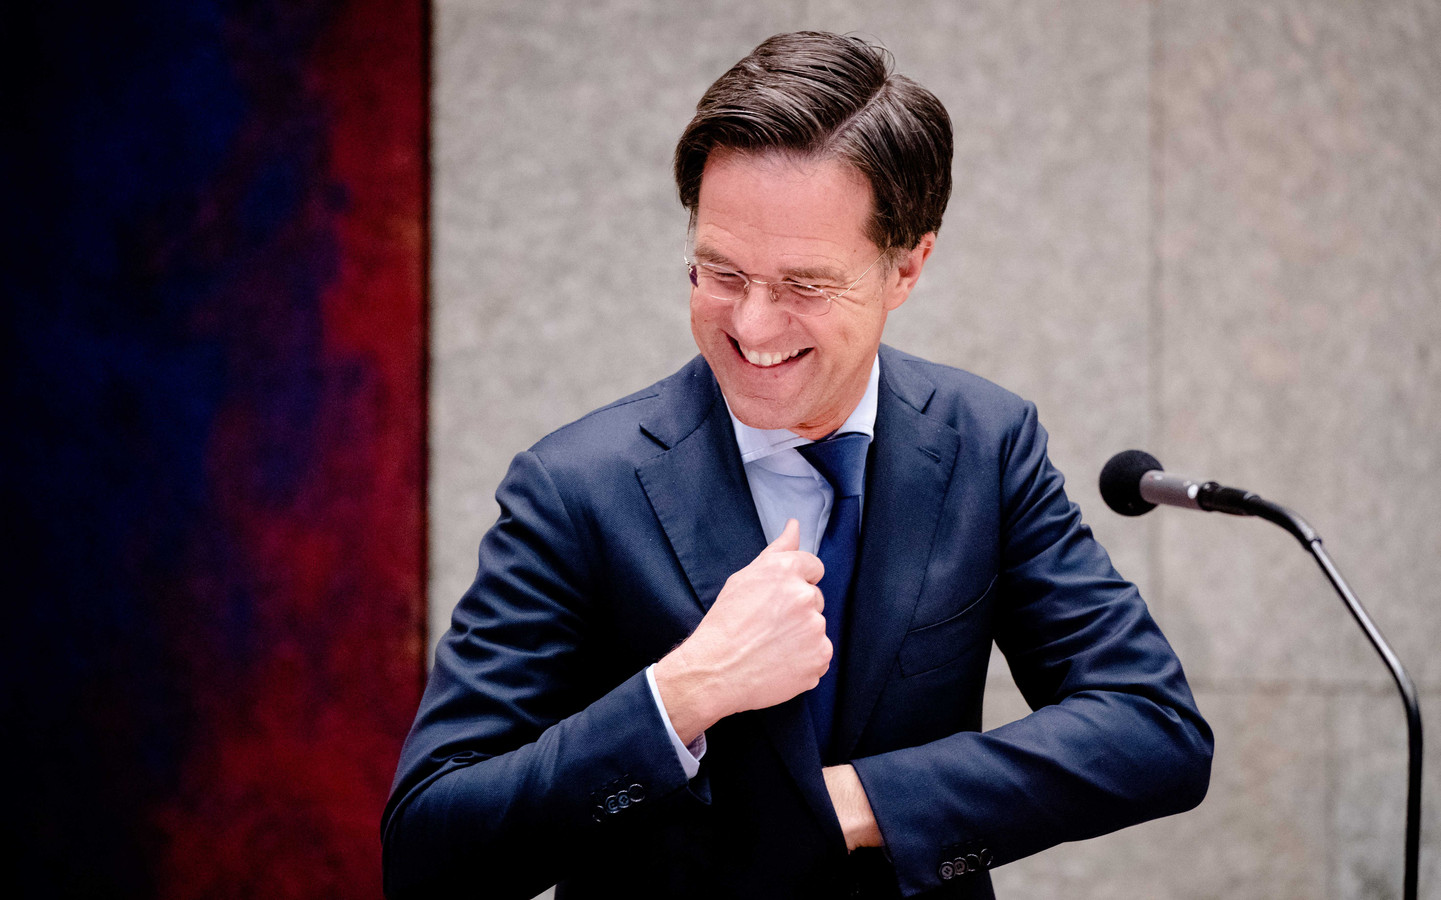 Premier Mark Rutte in de Tweede Kamer tijdens een debat over de ontwikkelingen rondom het coronavirus.